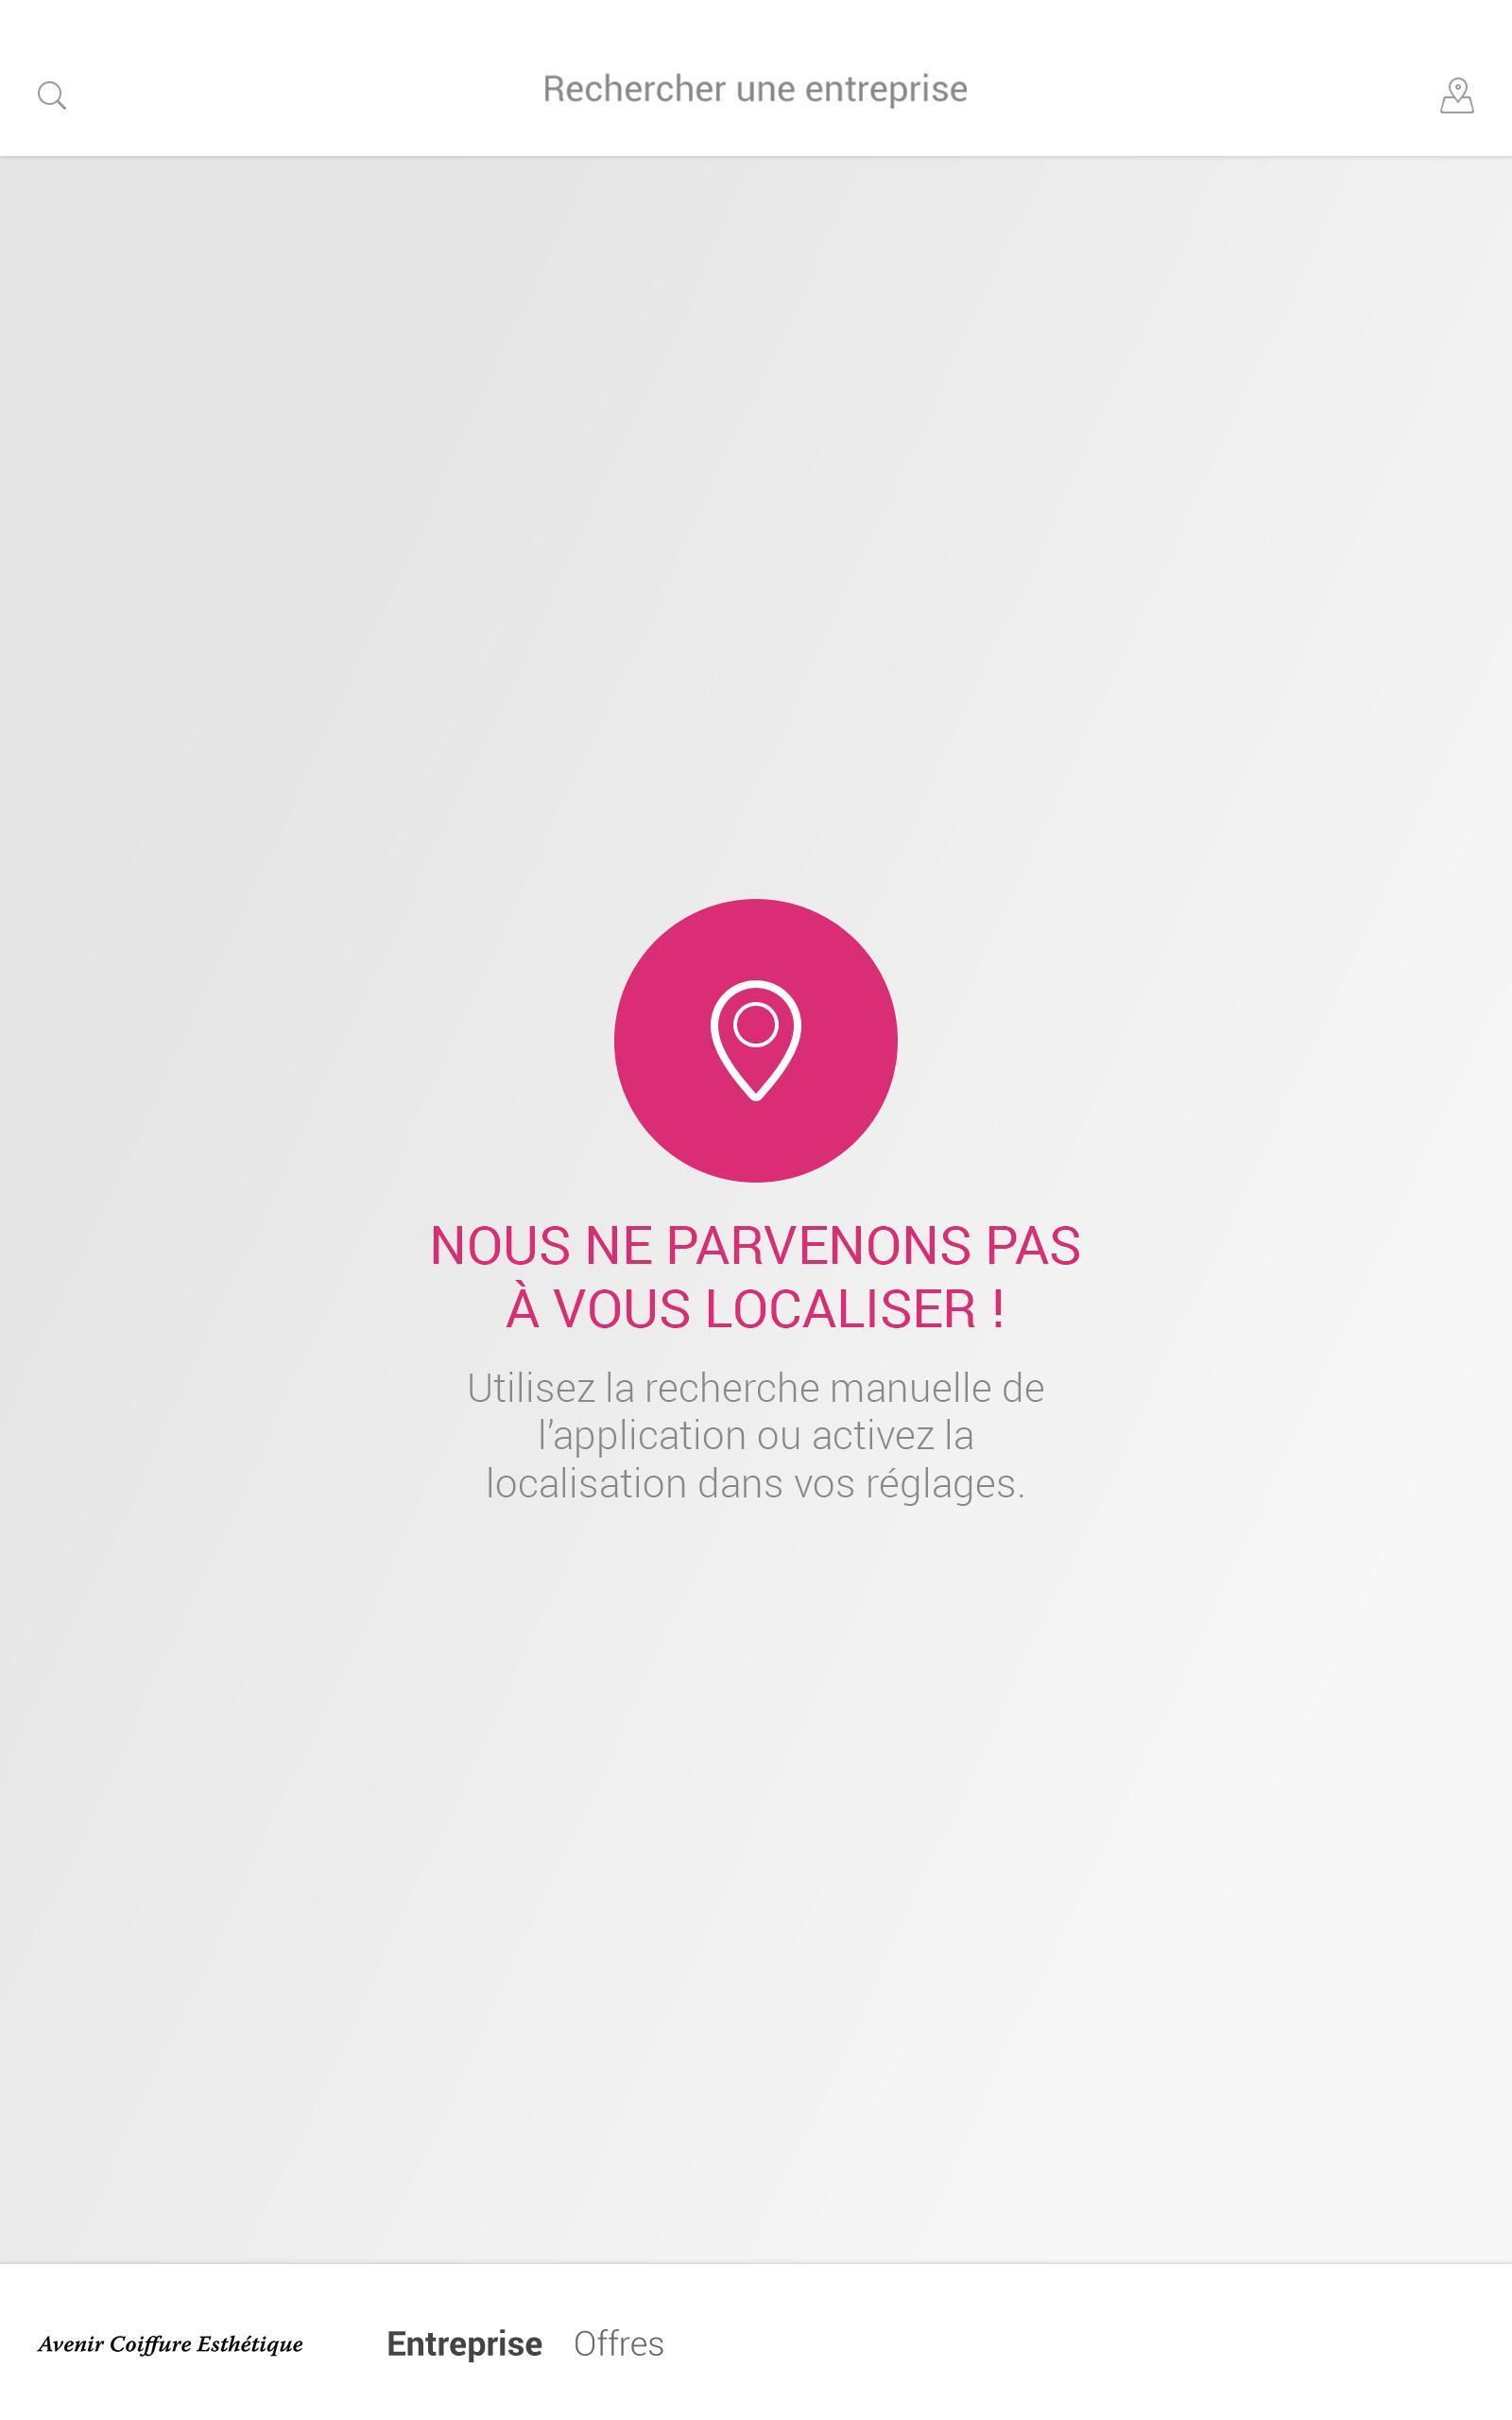 Avenir Coiffure Esthétique for Android - APK Download